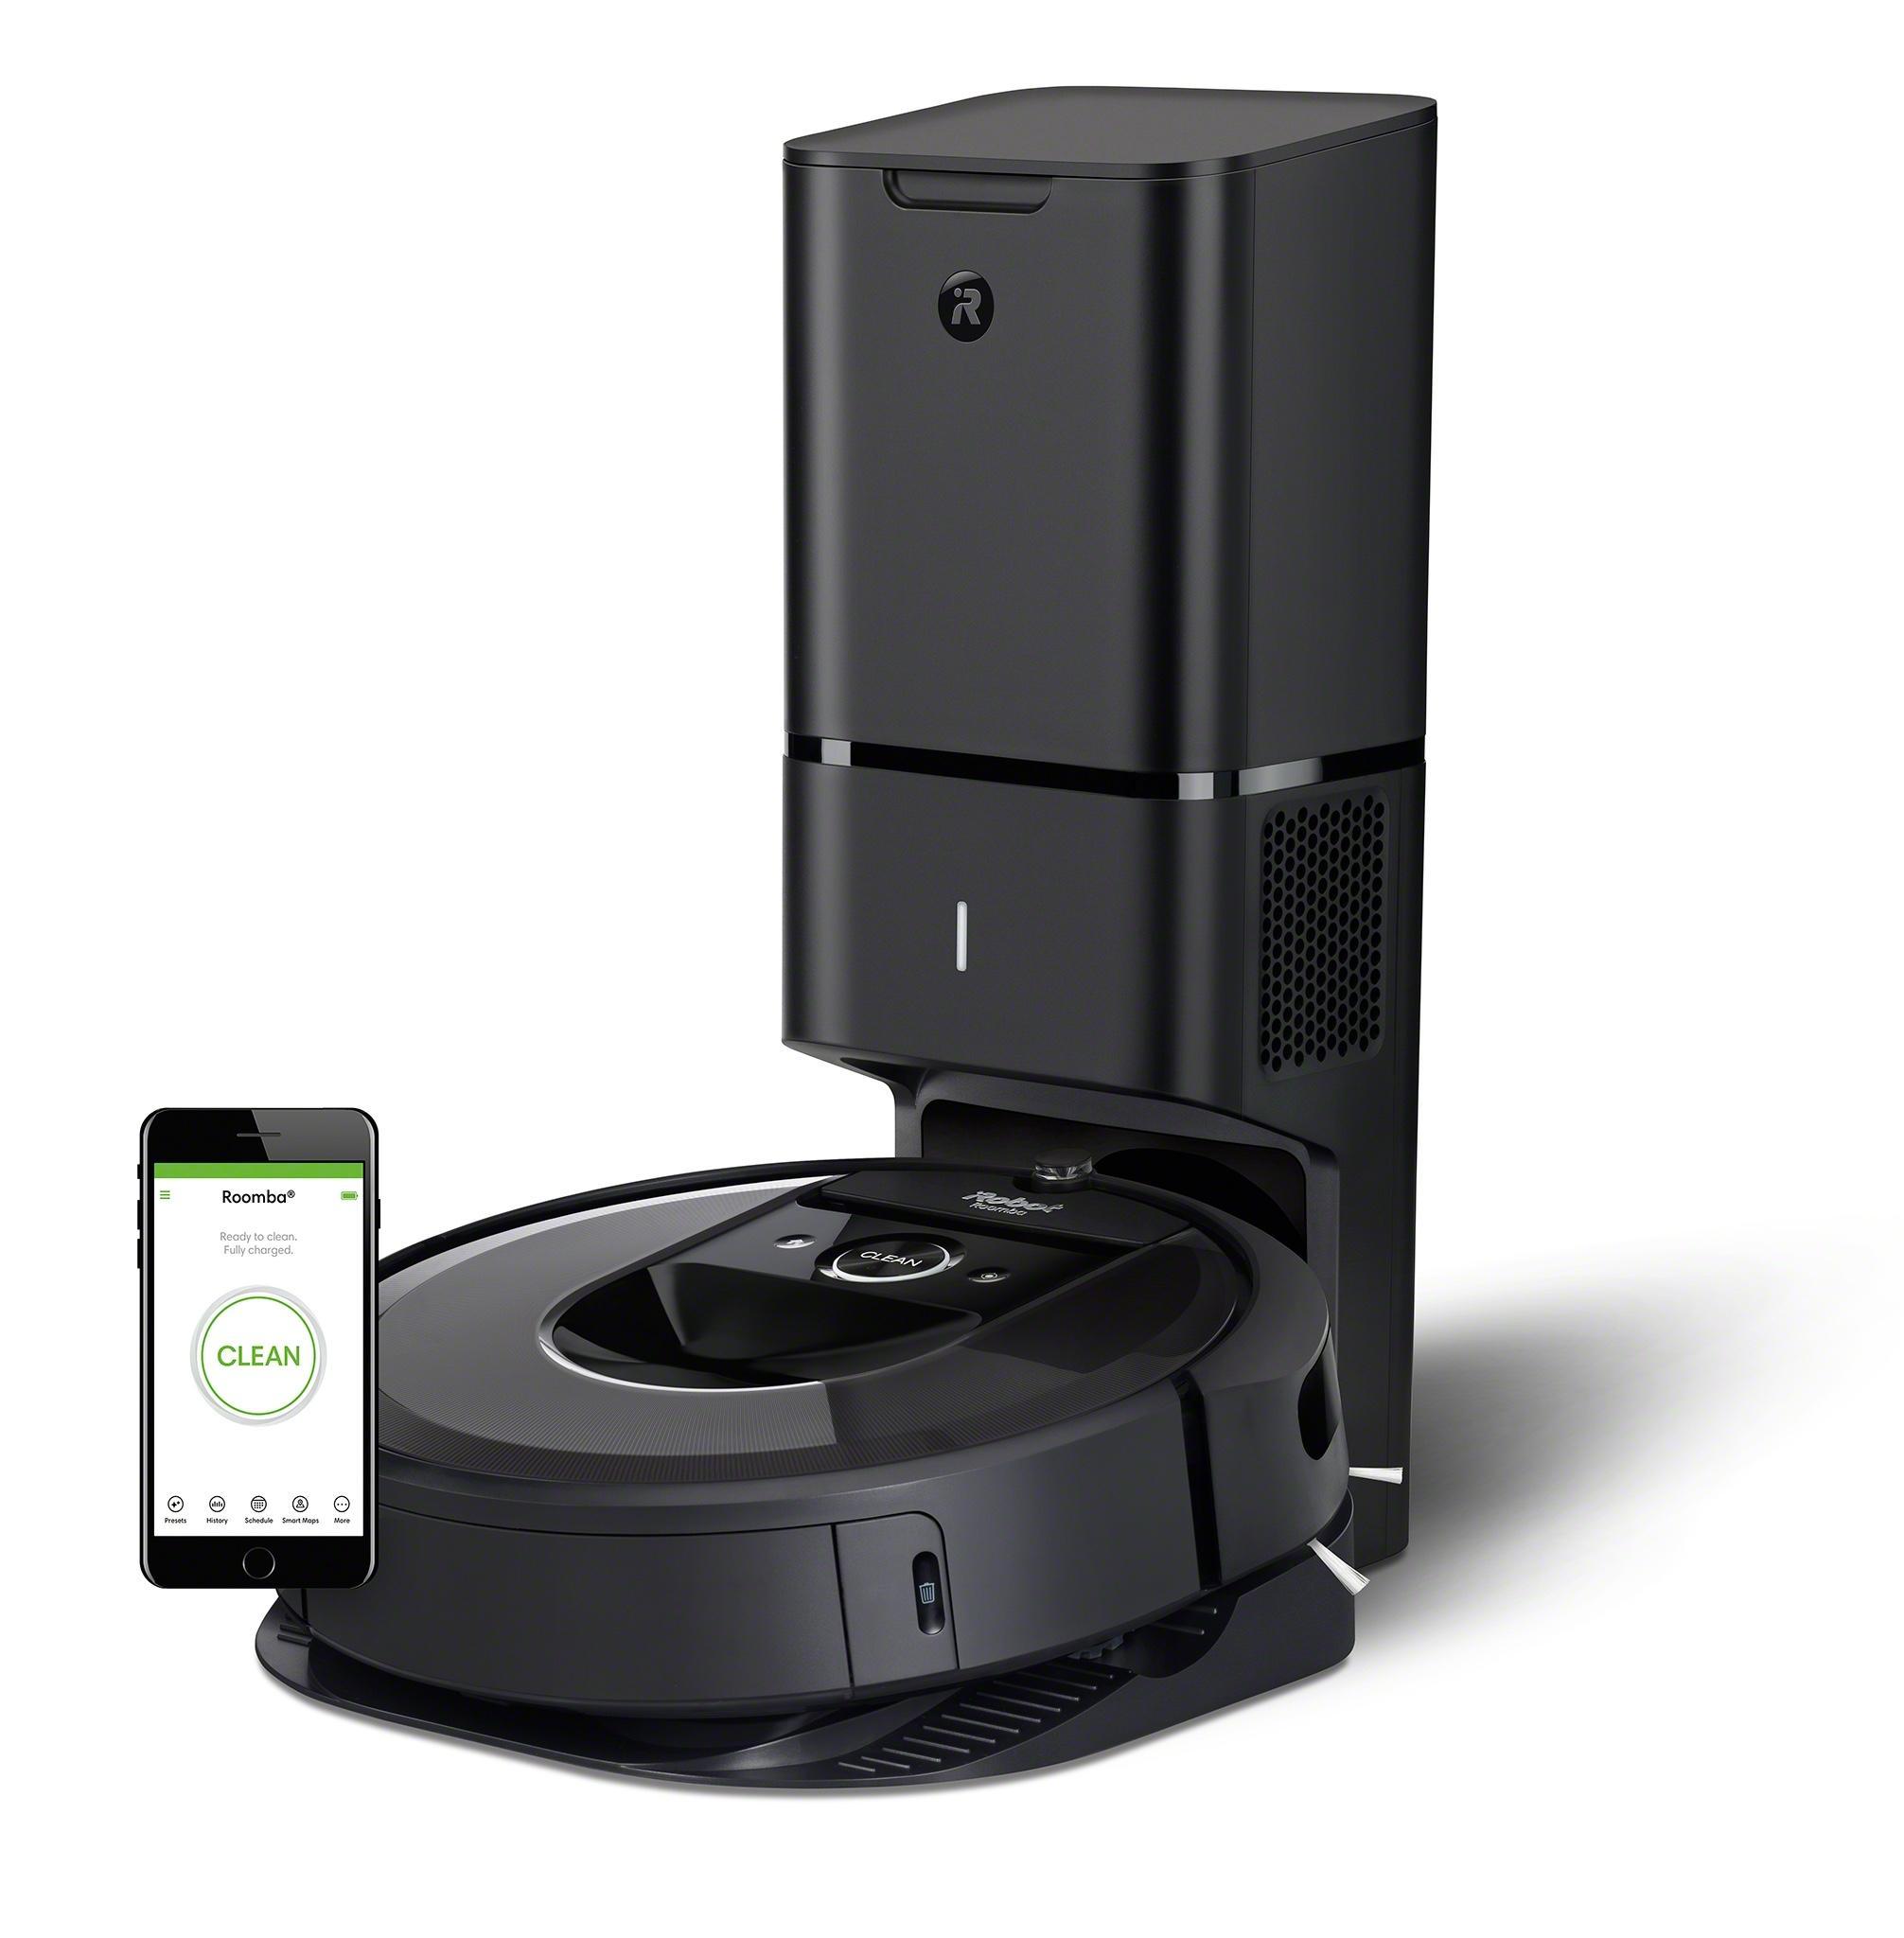 iRobot Roomba i7+ aspirapolvere robot Senza sacchetto Nero 0,4 L